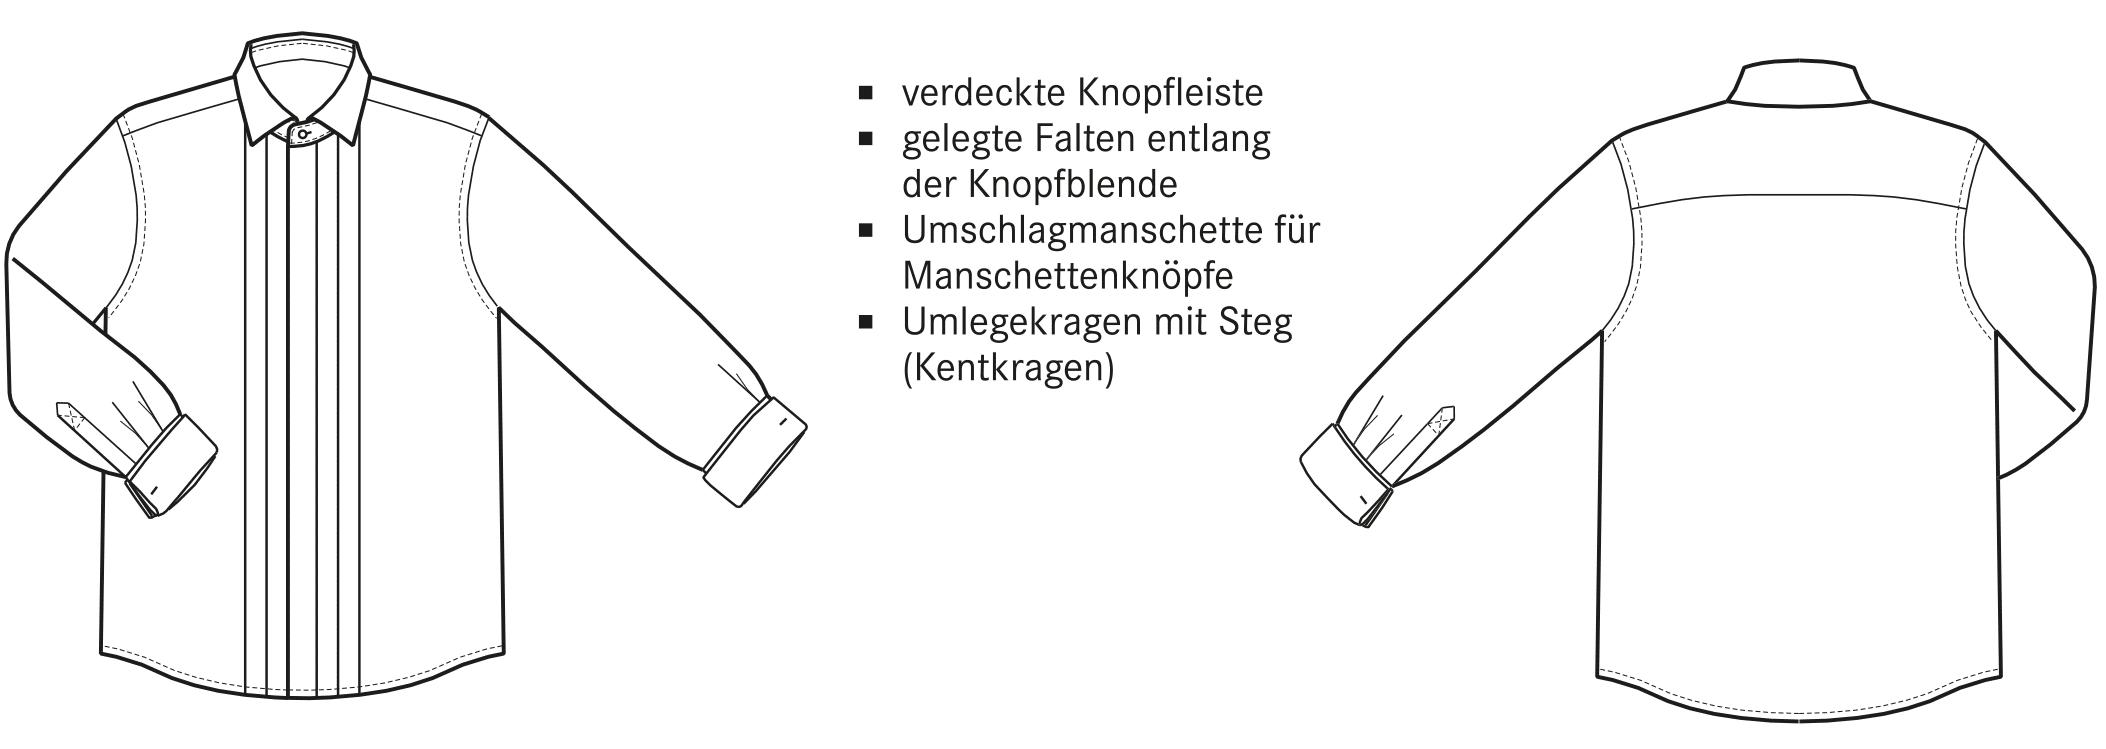 Die Vorder- und Rückansicht eines Smokinghemdes in Form einer technischen Zeichnung.